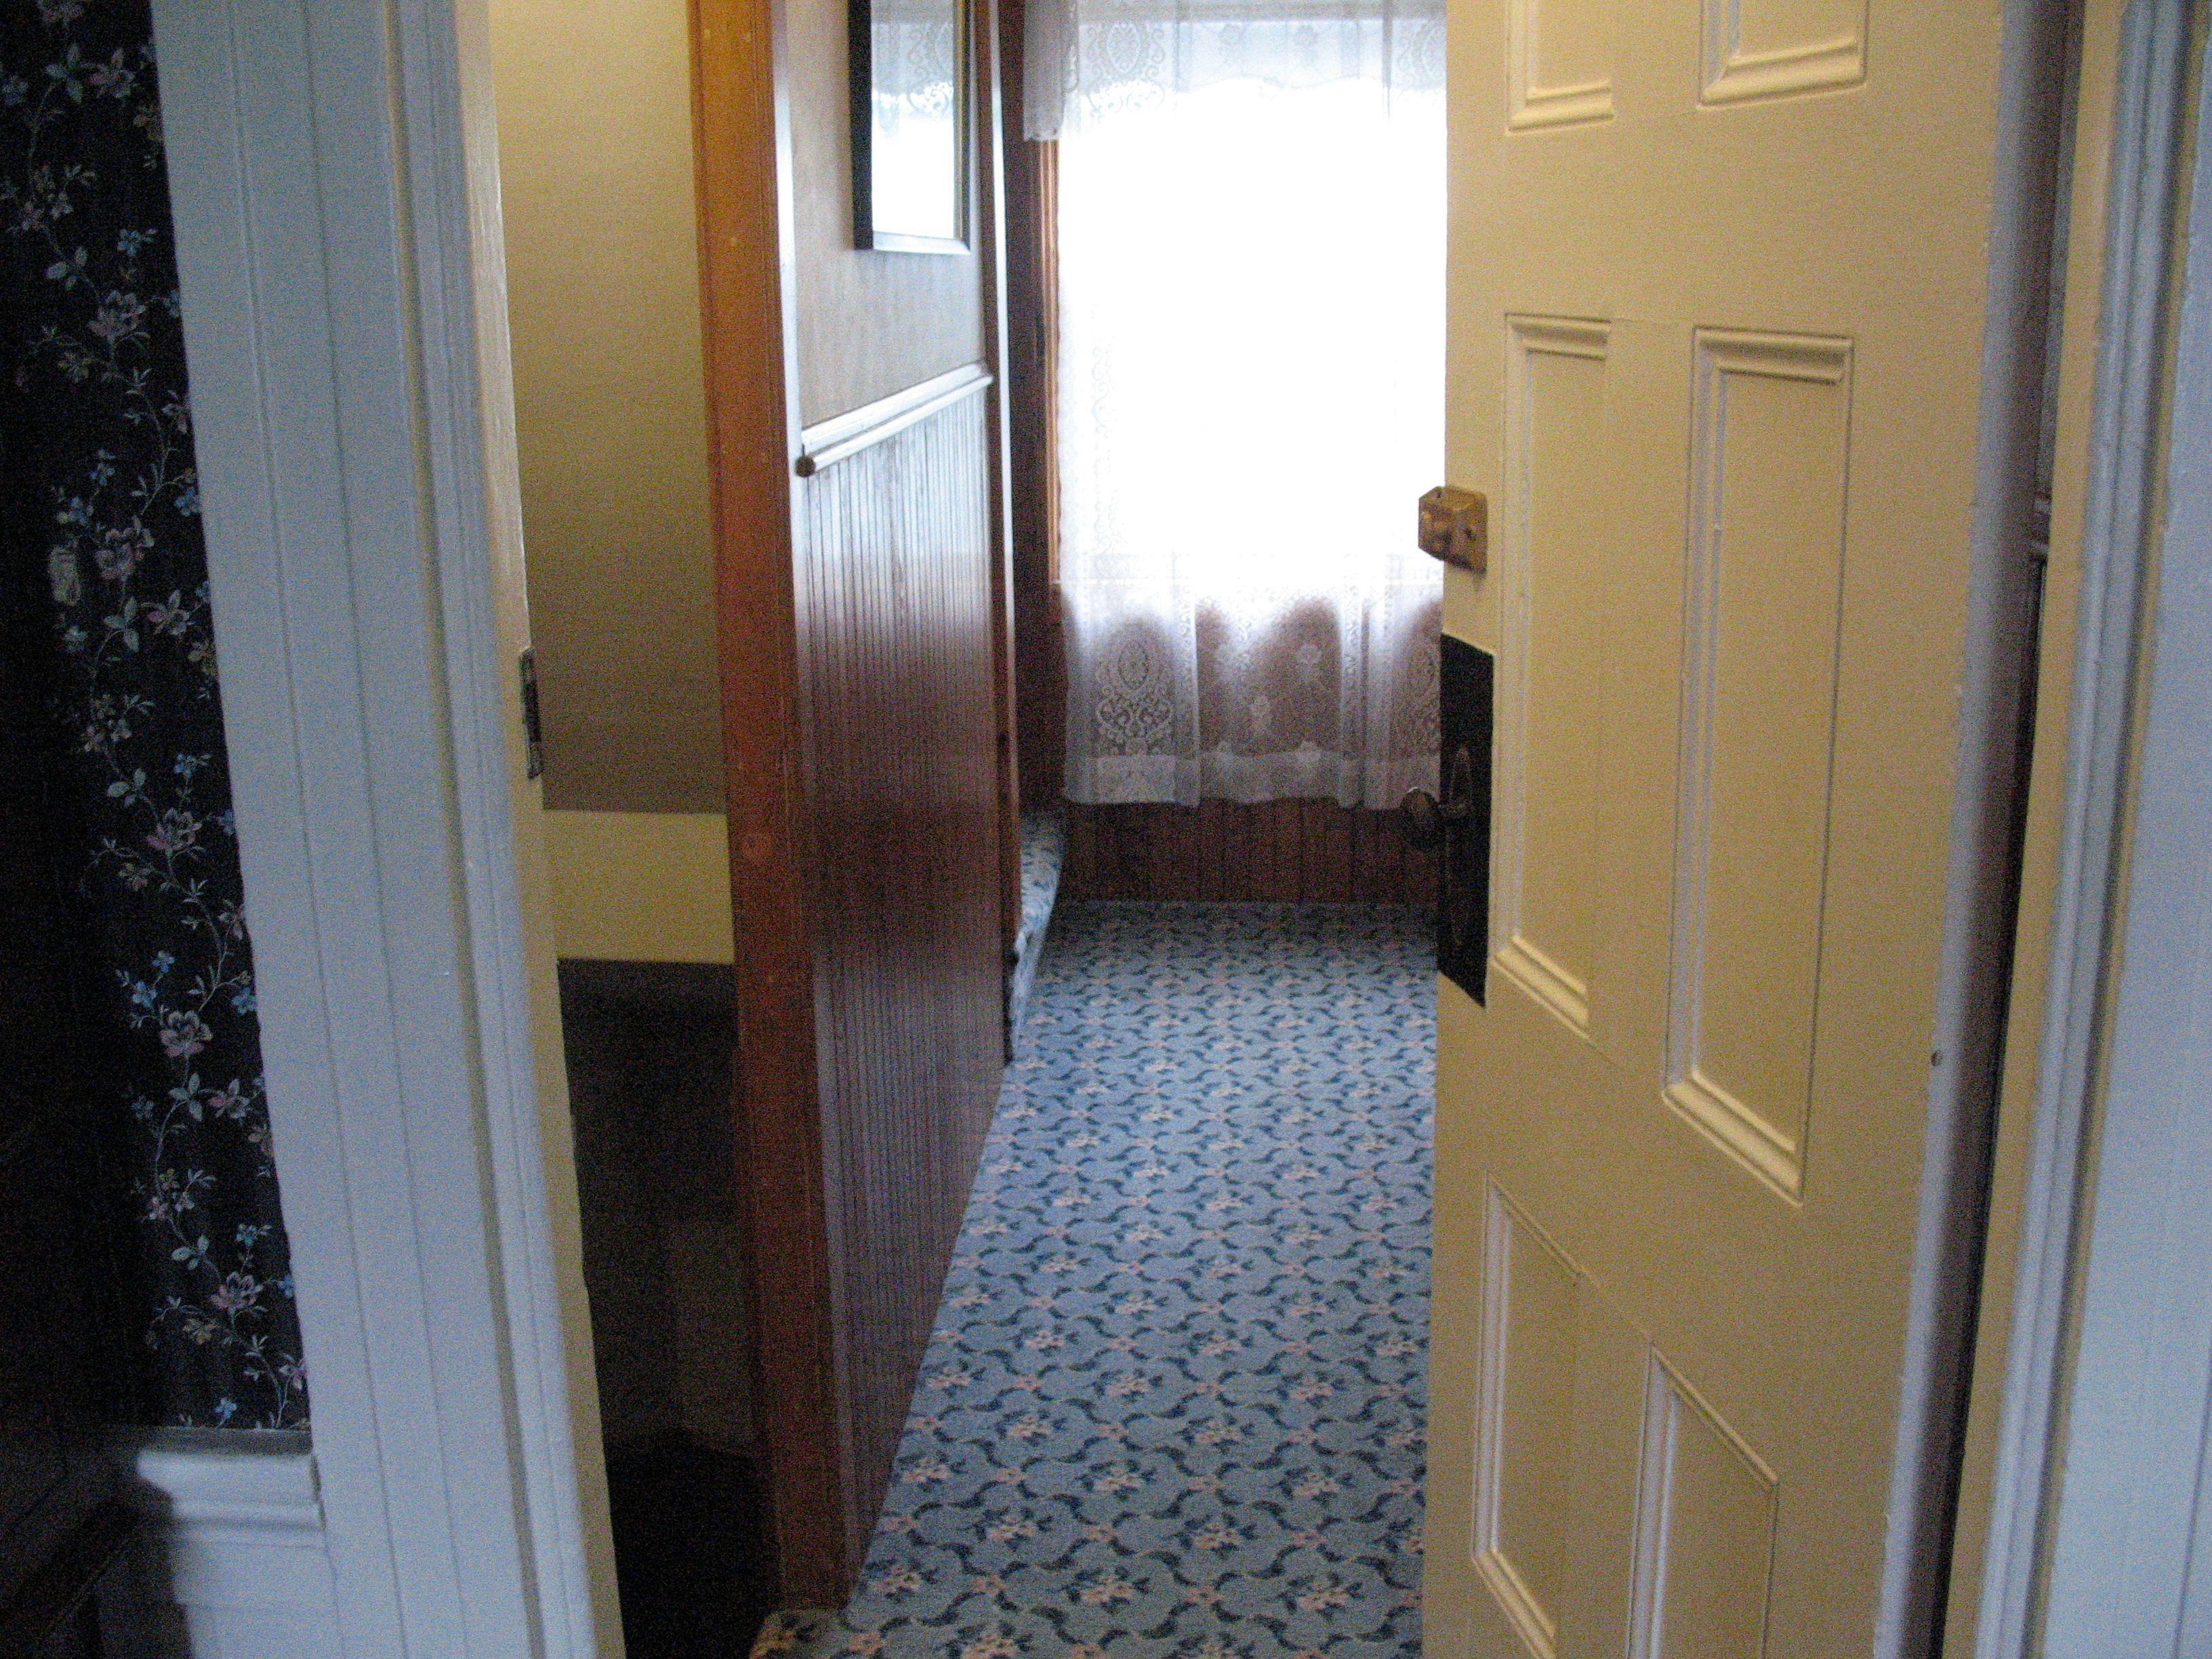 Lizzie Borden Bed Breakfast Hallway Down To Basement